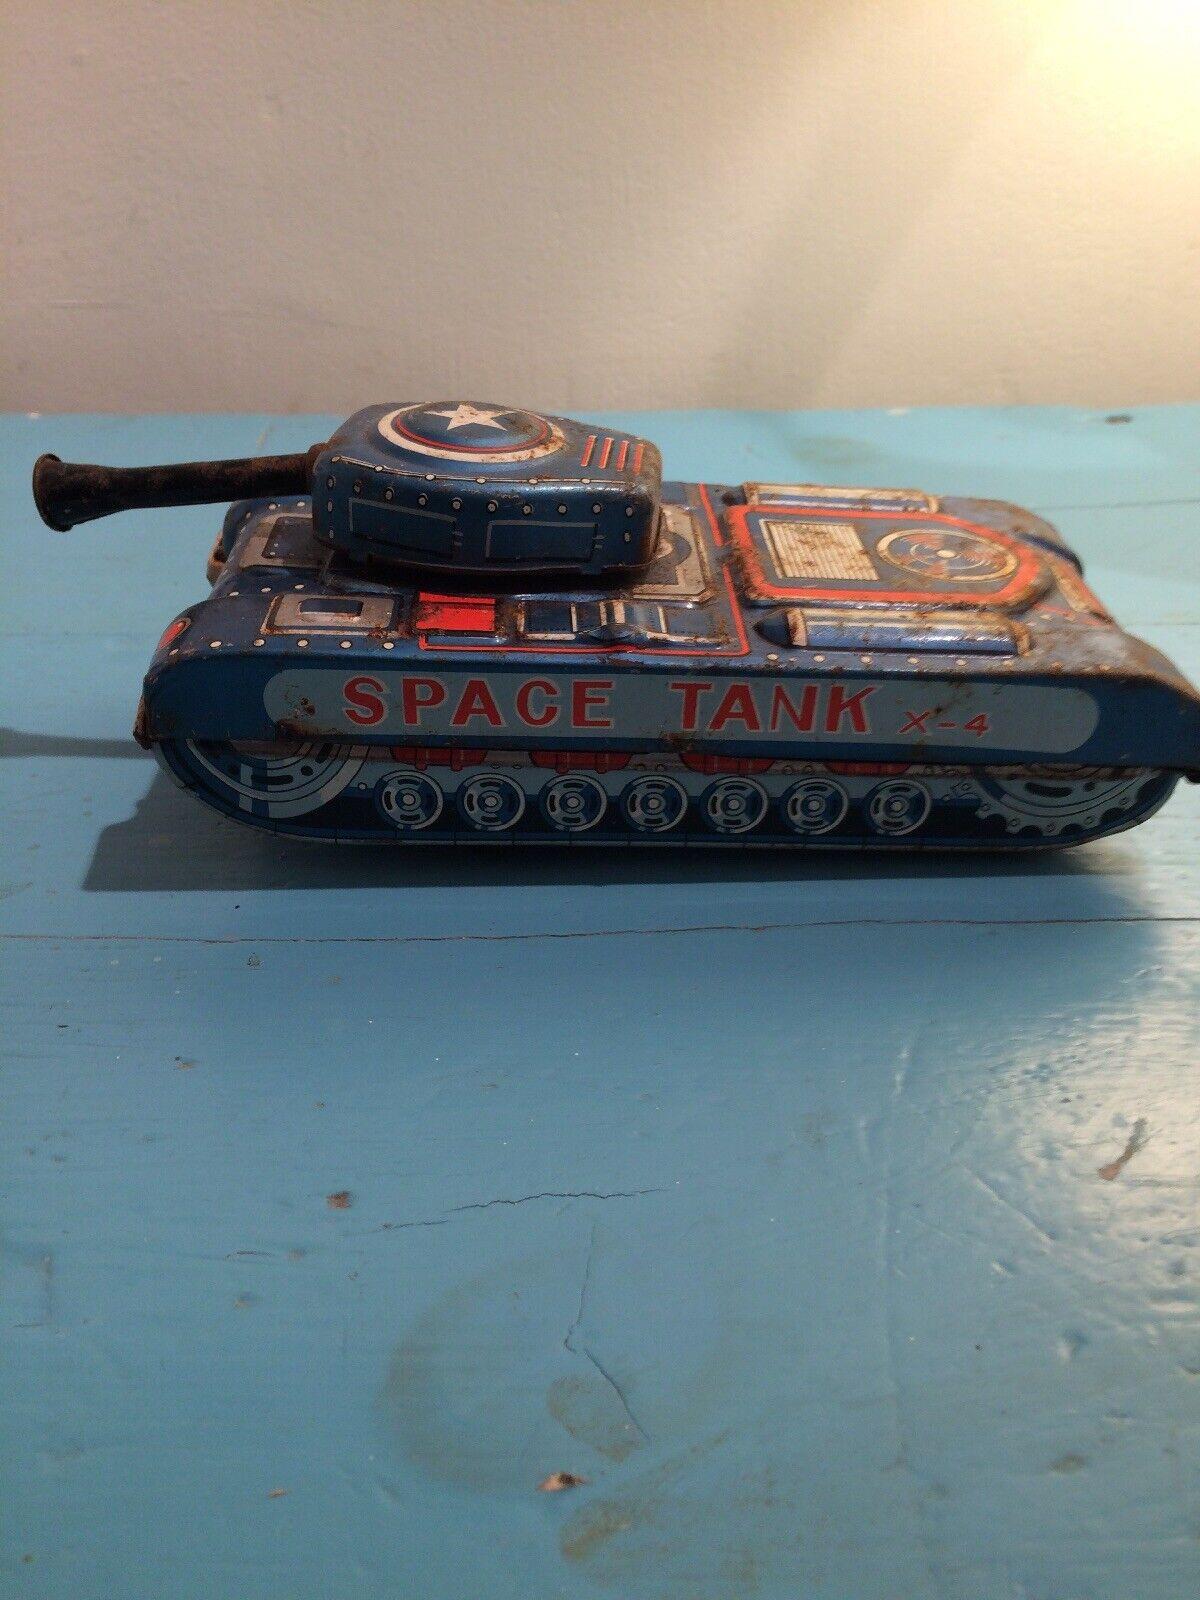 Nomura Tn Hojalata espacio Tanque X-4 Estaño Juguete Muy Rara Vintage Japón Antiguo